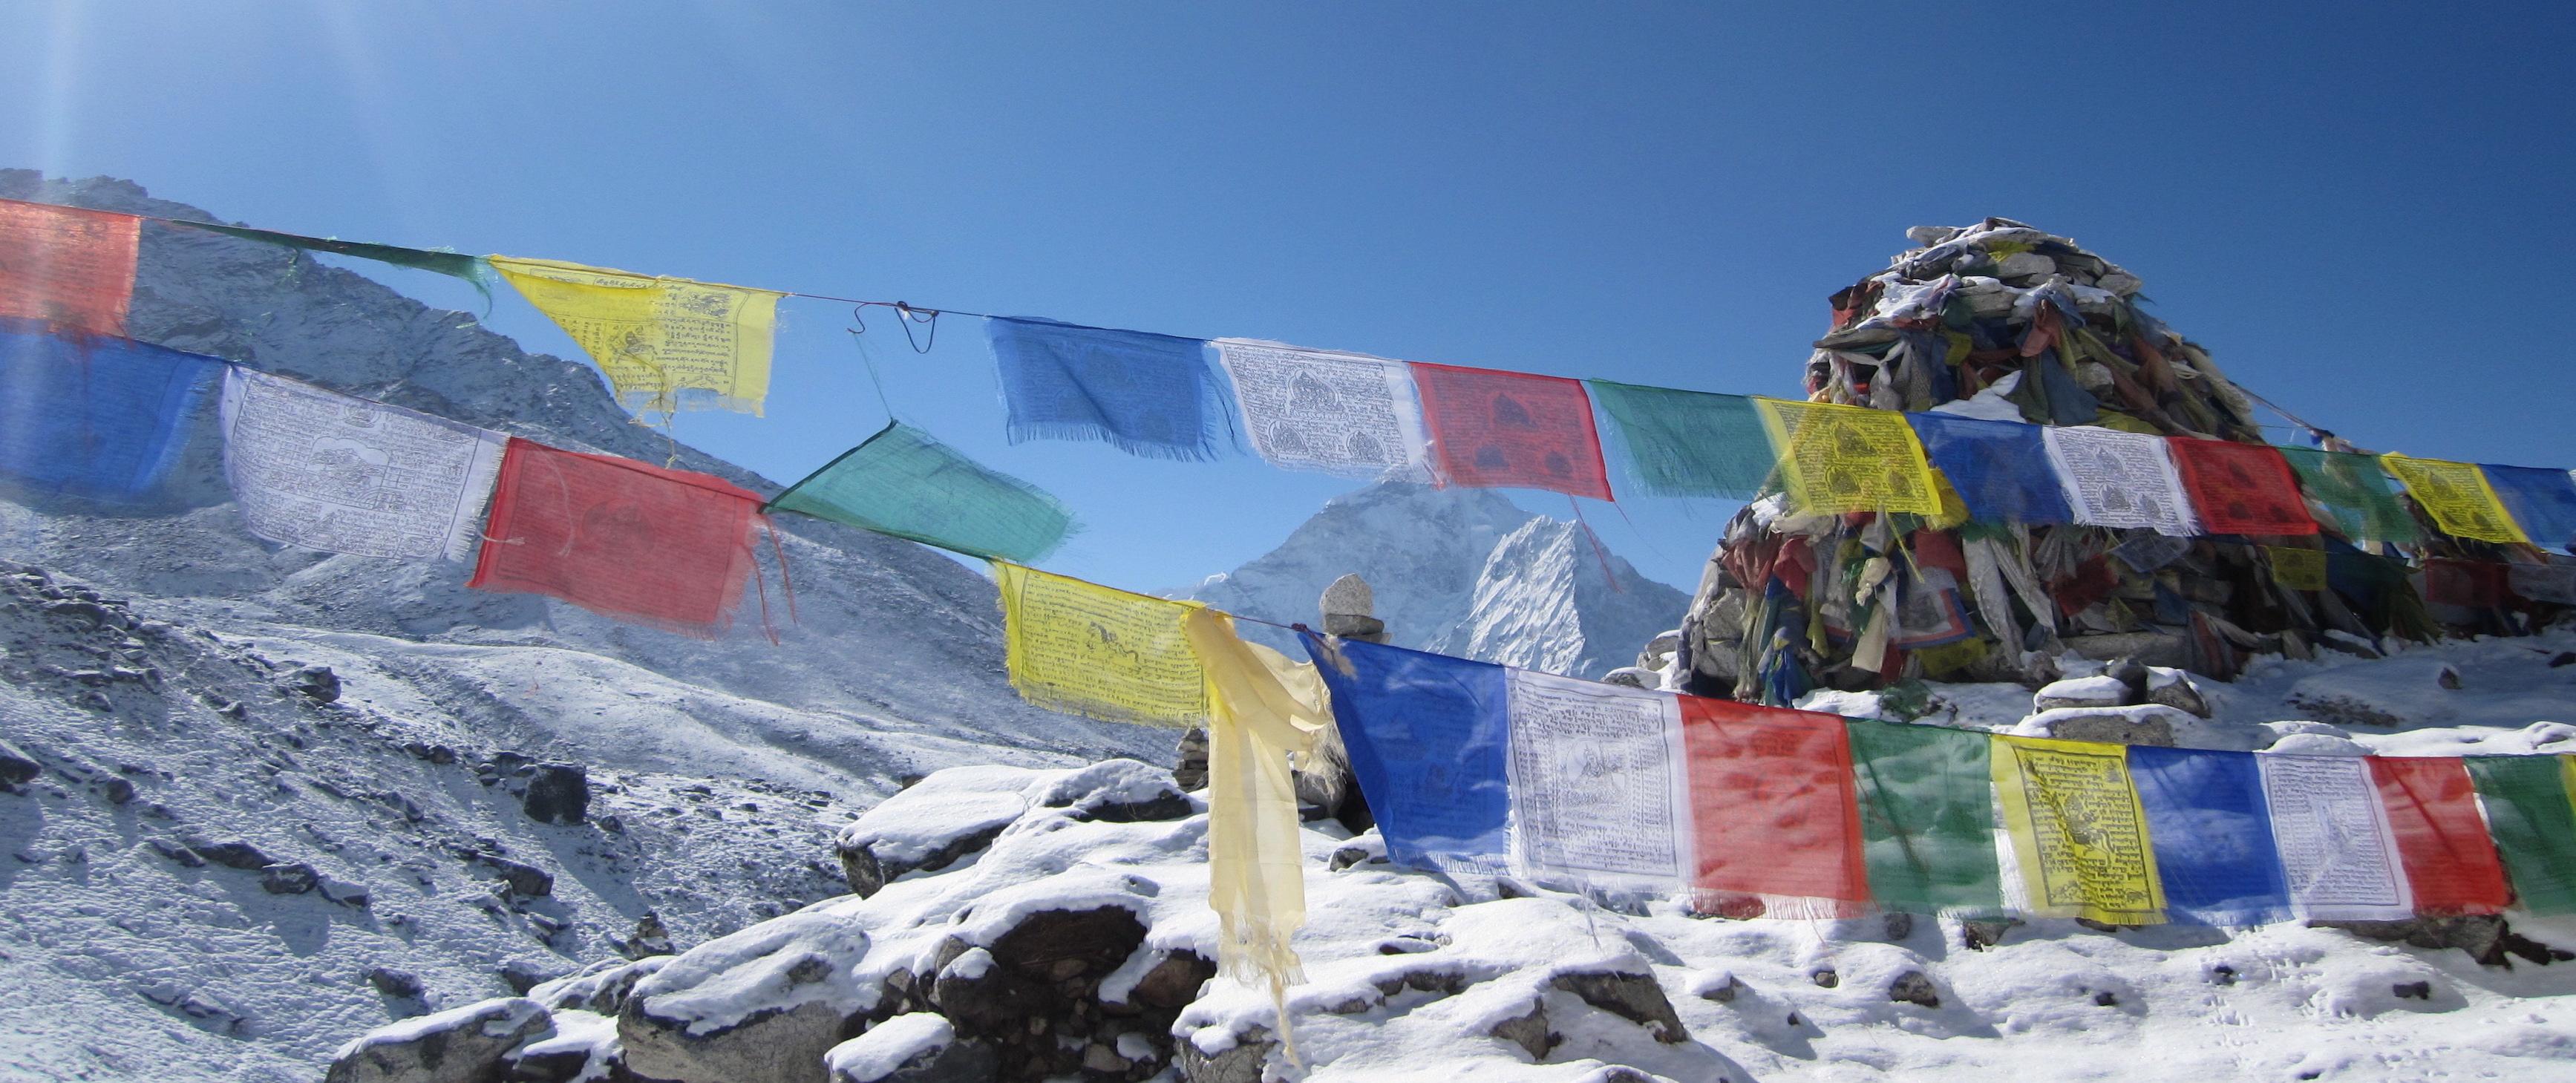 Visit Everest base camp